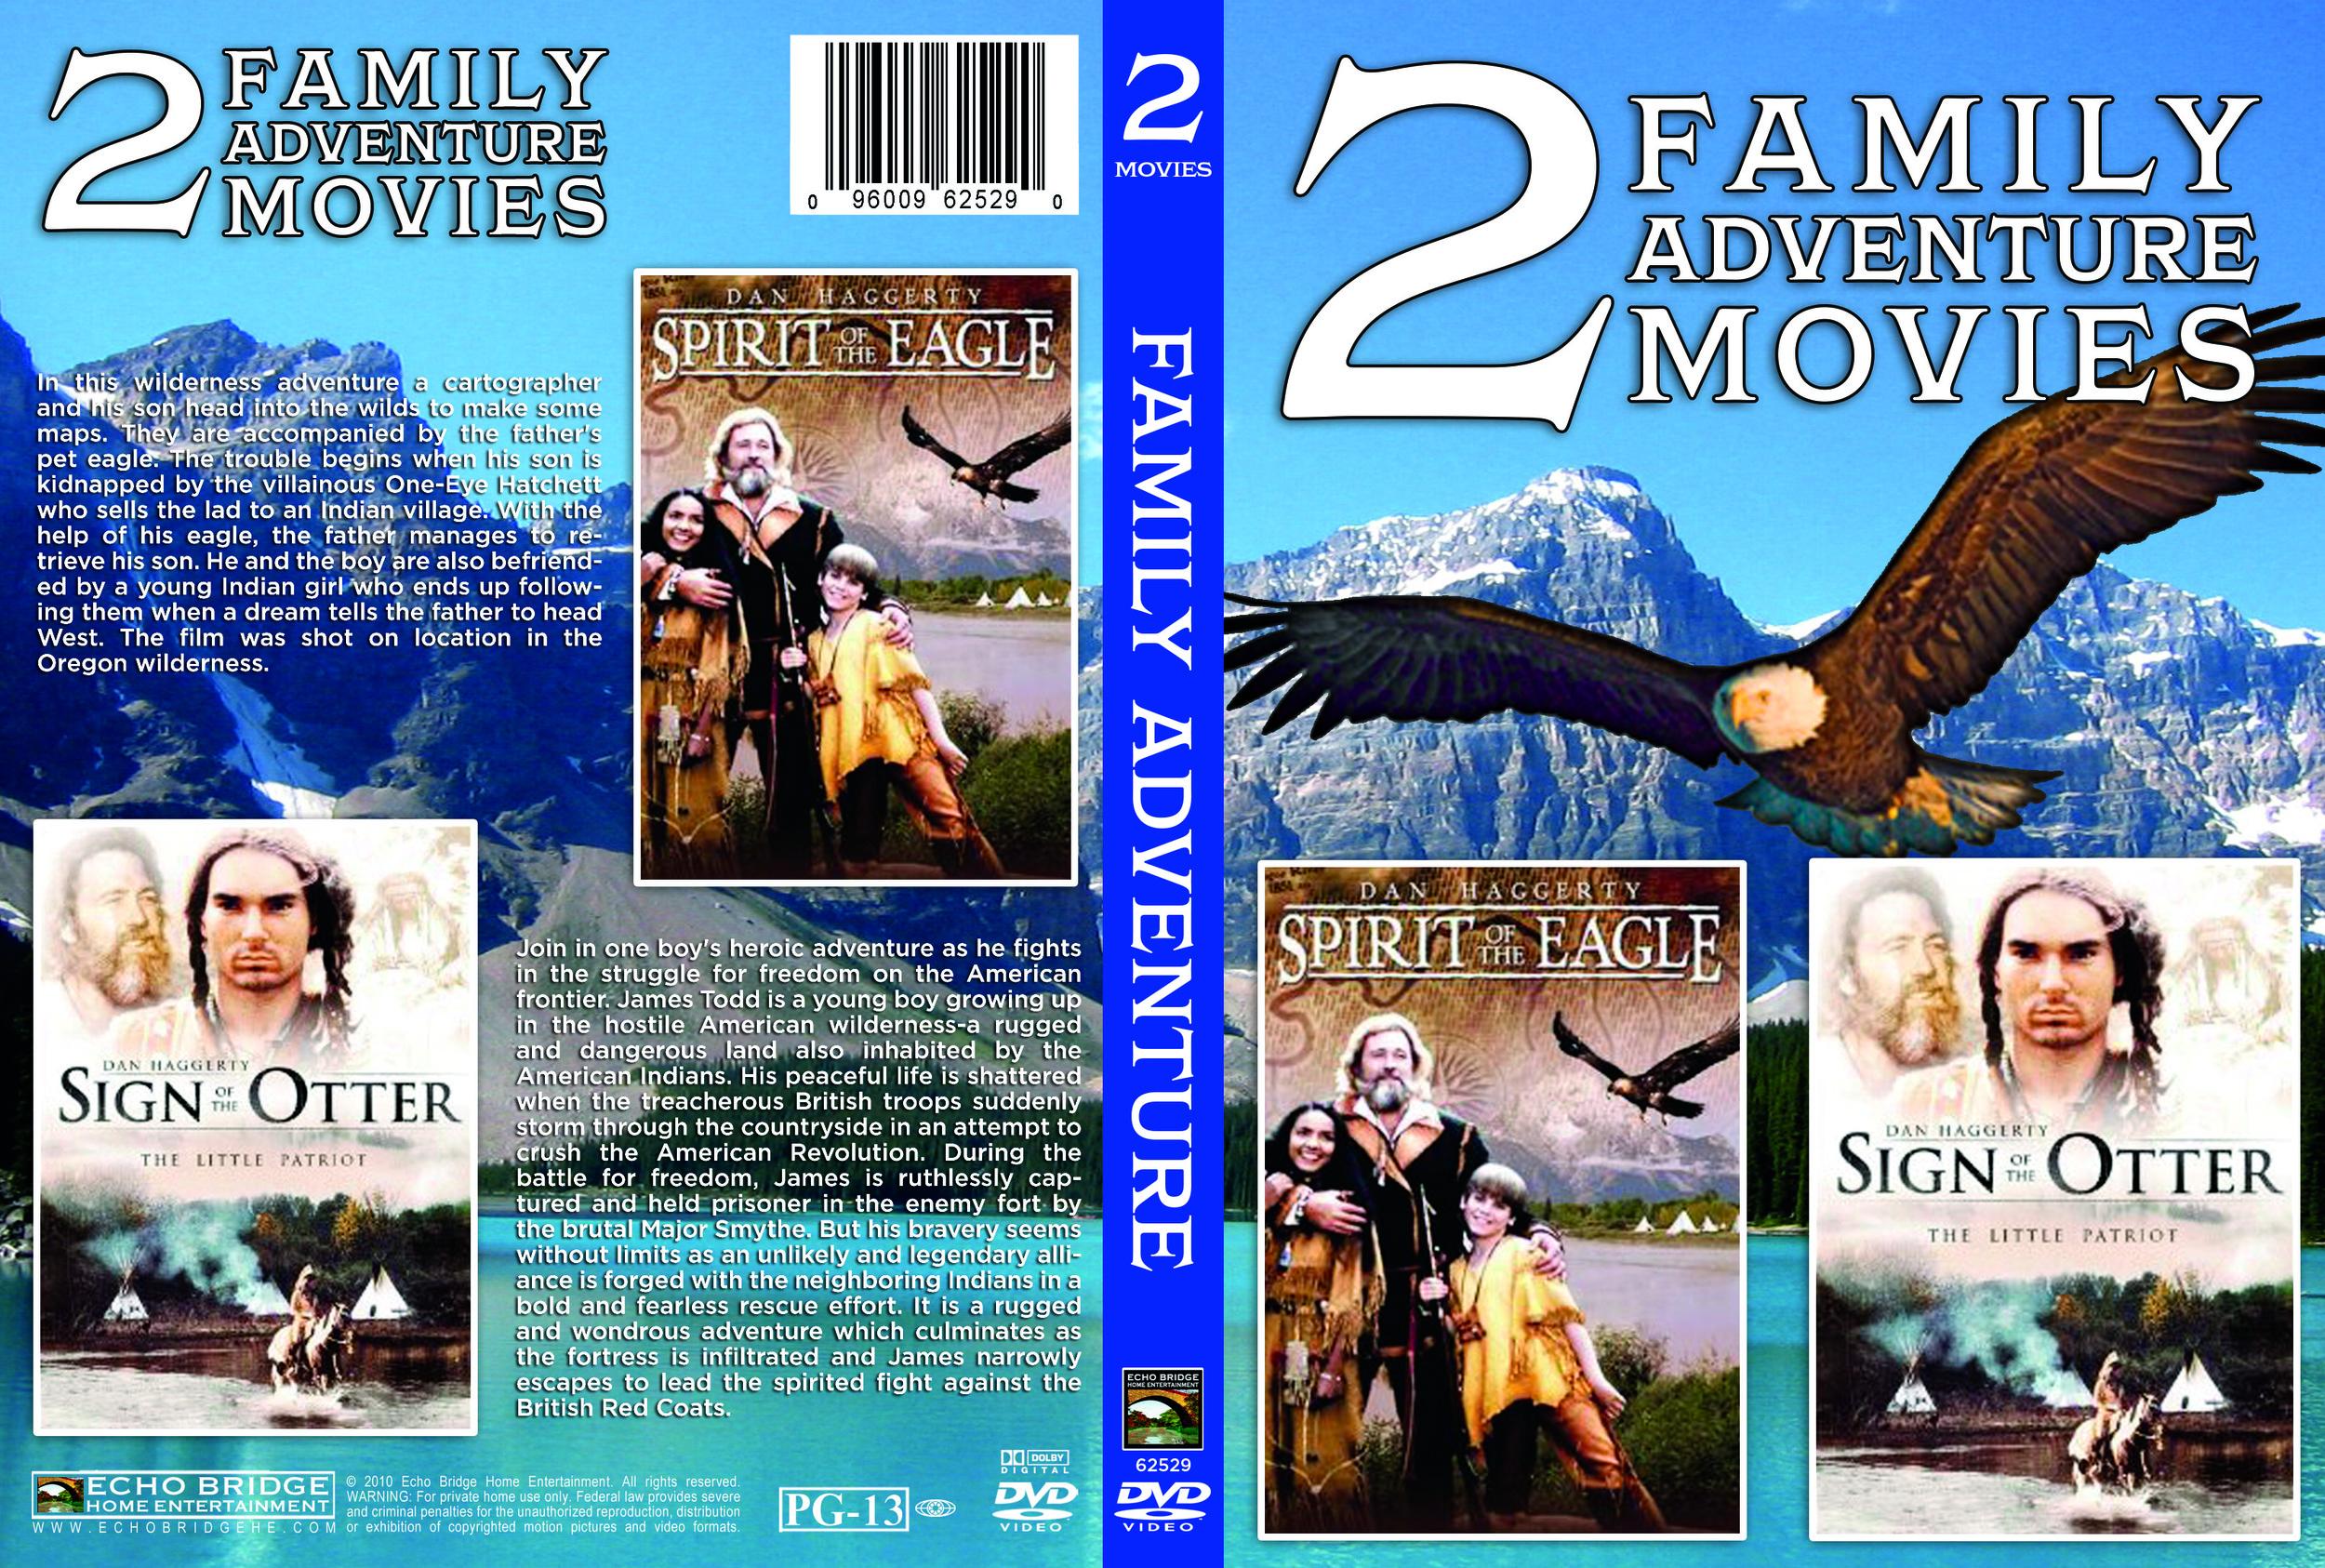 2 Family Adventure Movies DVD